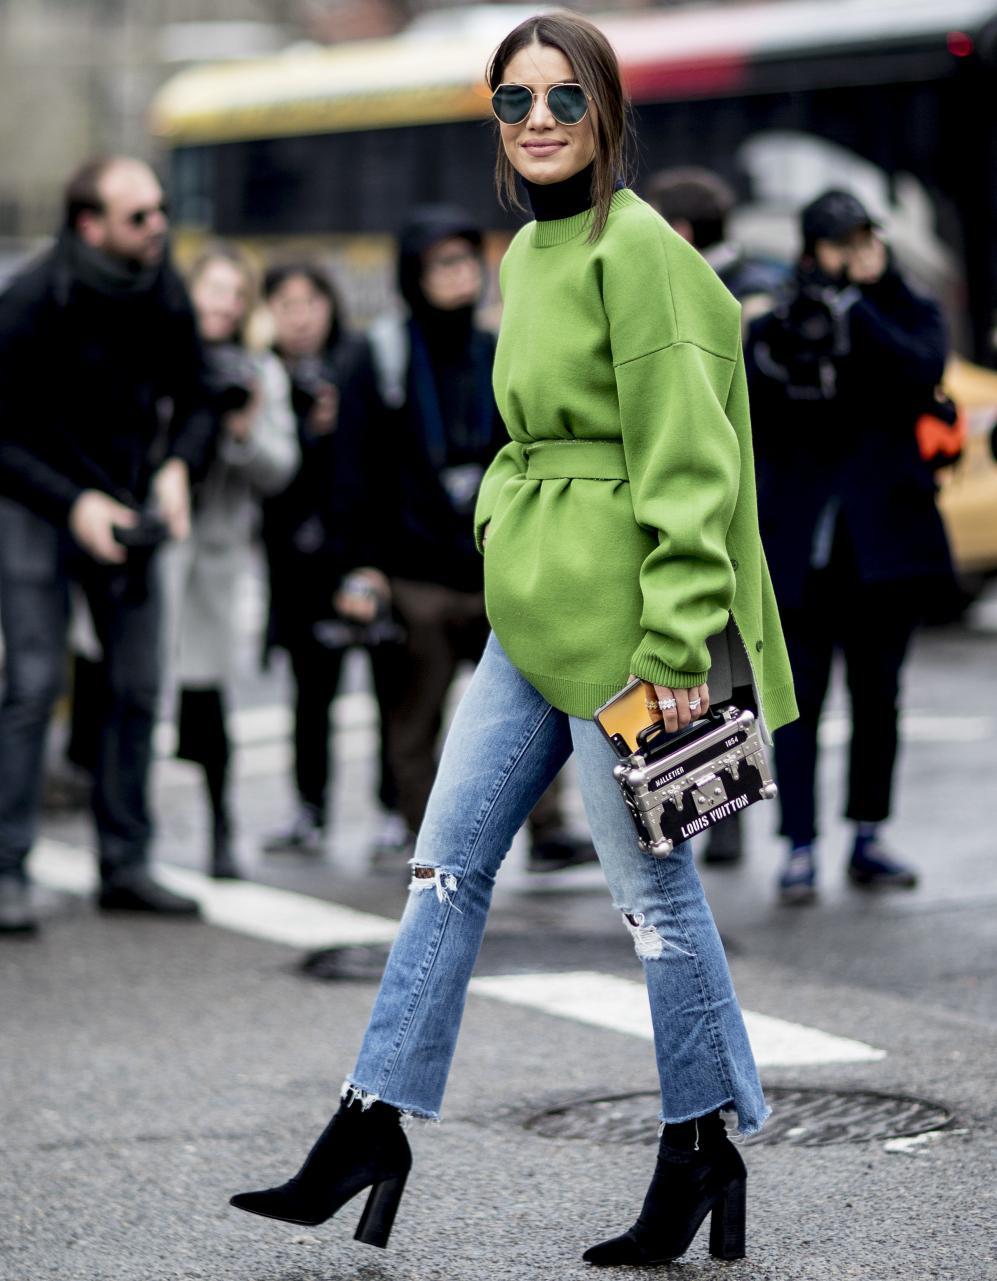 Quel jean choisir pour mon style comment choisir mon jean pour tre styl e - Quel cuisiniste choisir ...